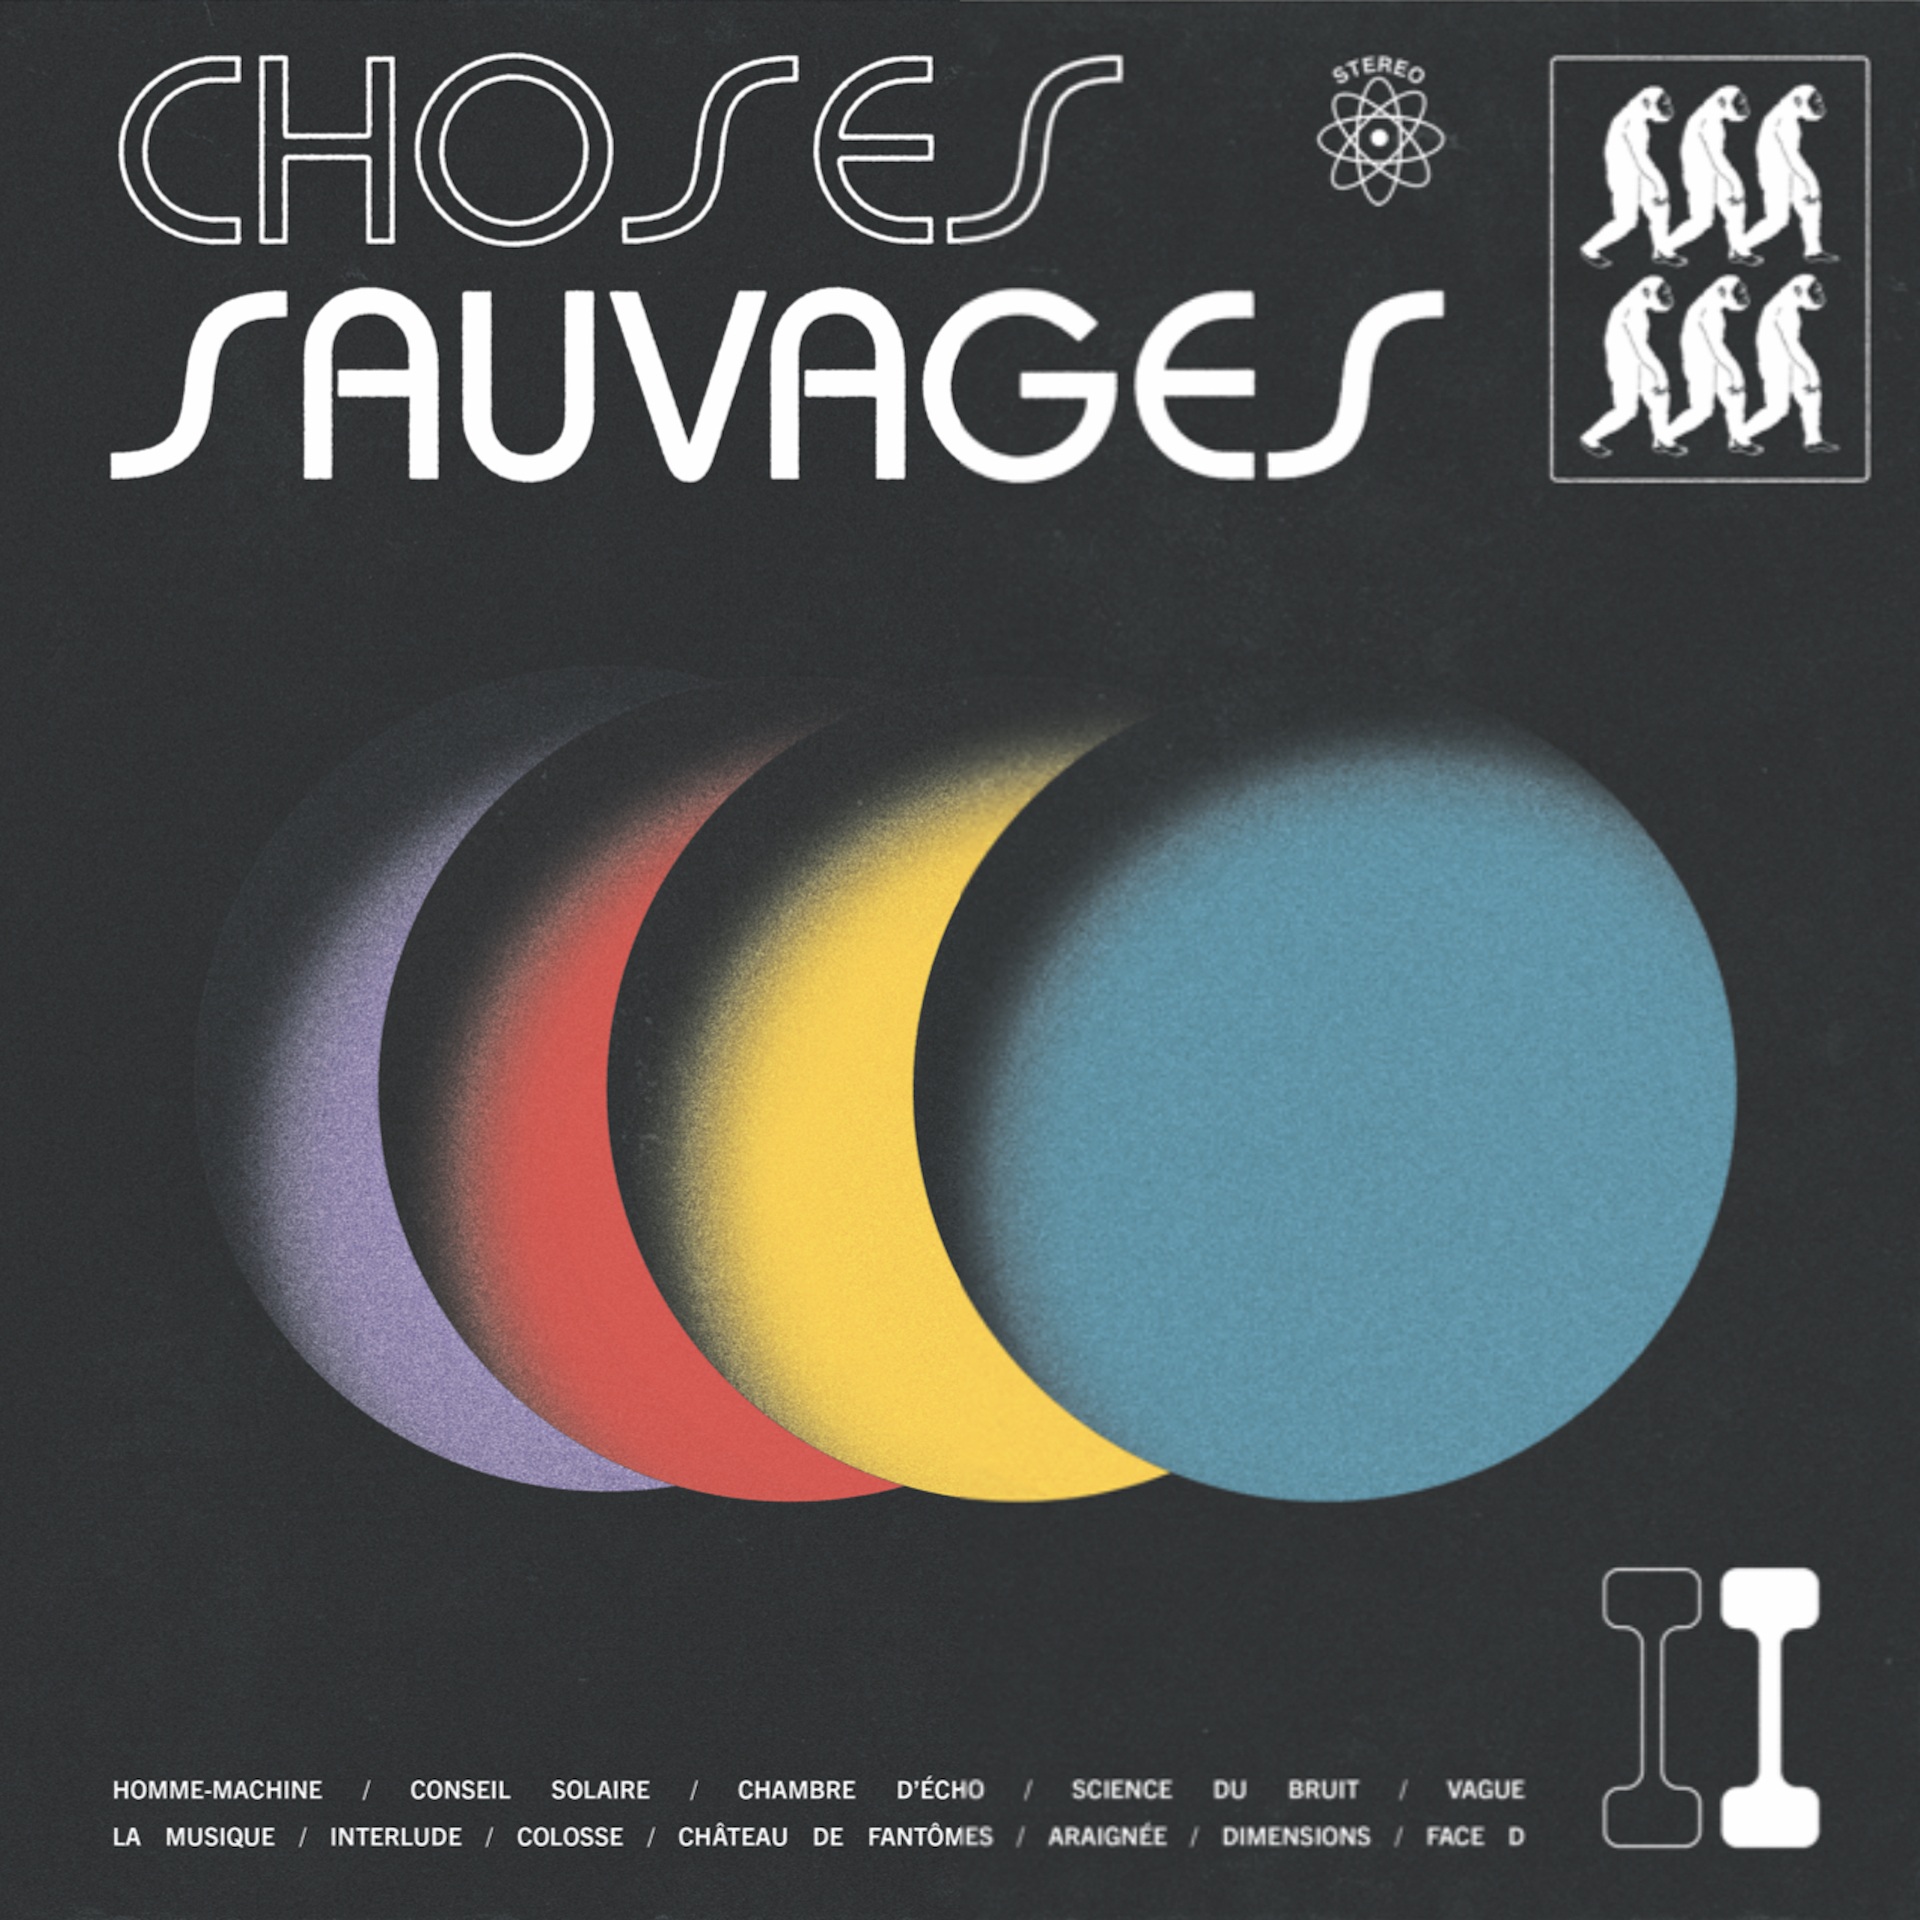 CHOSES SAUVAGES : nouvel album maintenant disponible